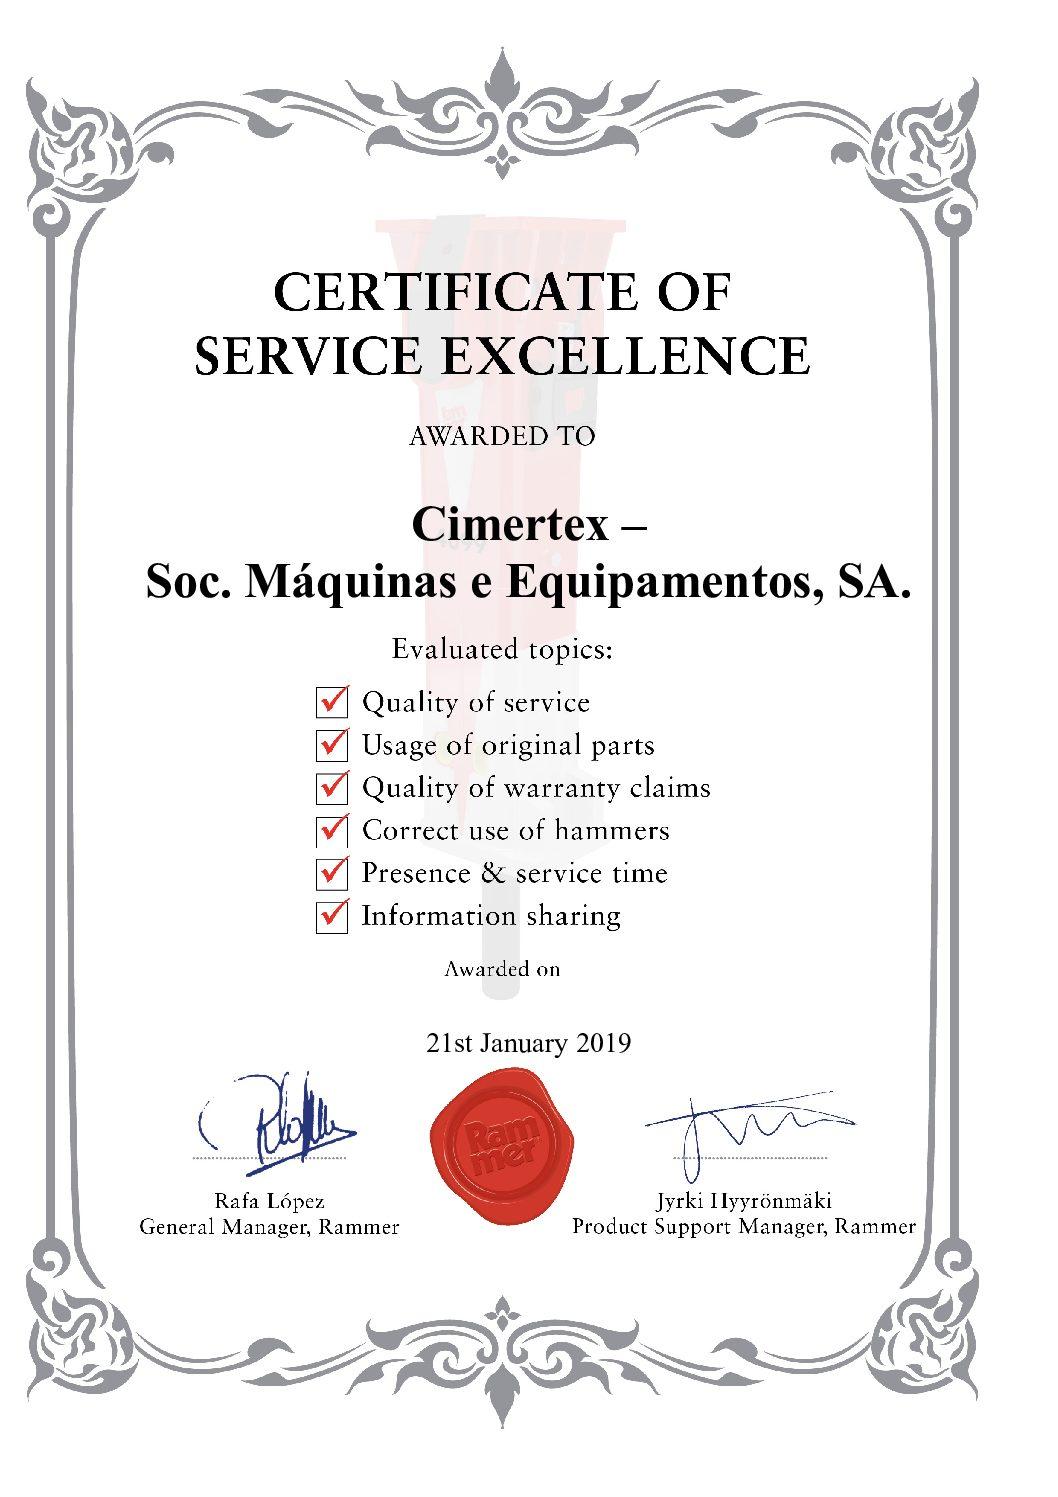 Rammer Atribui Certificado de Excelência dos Serviços à Cimertex